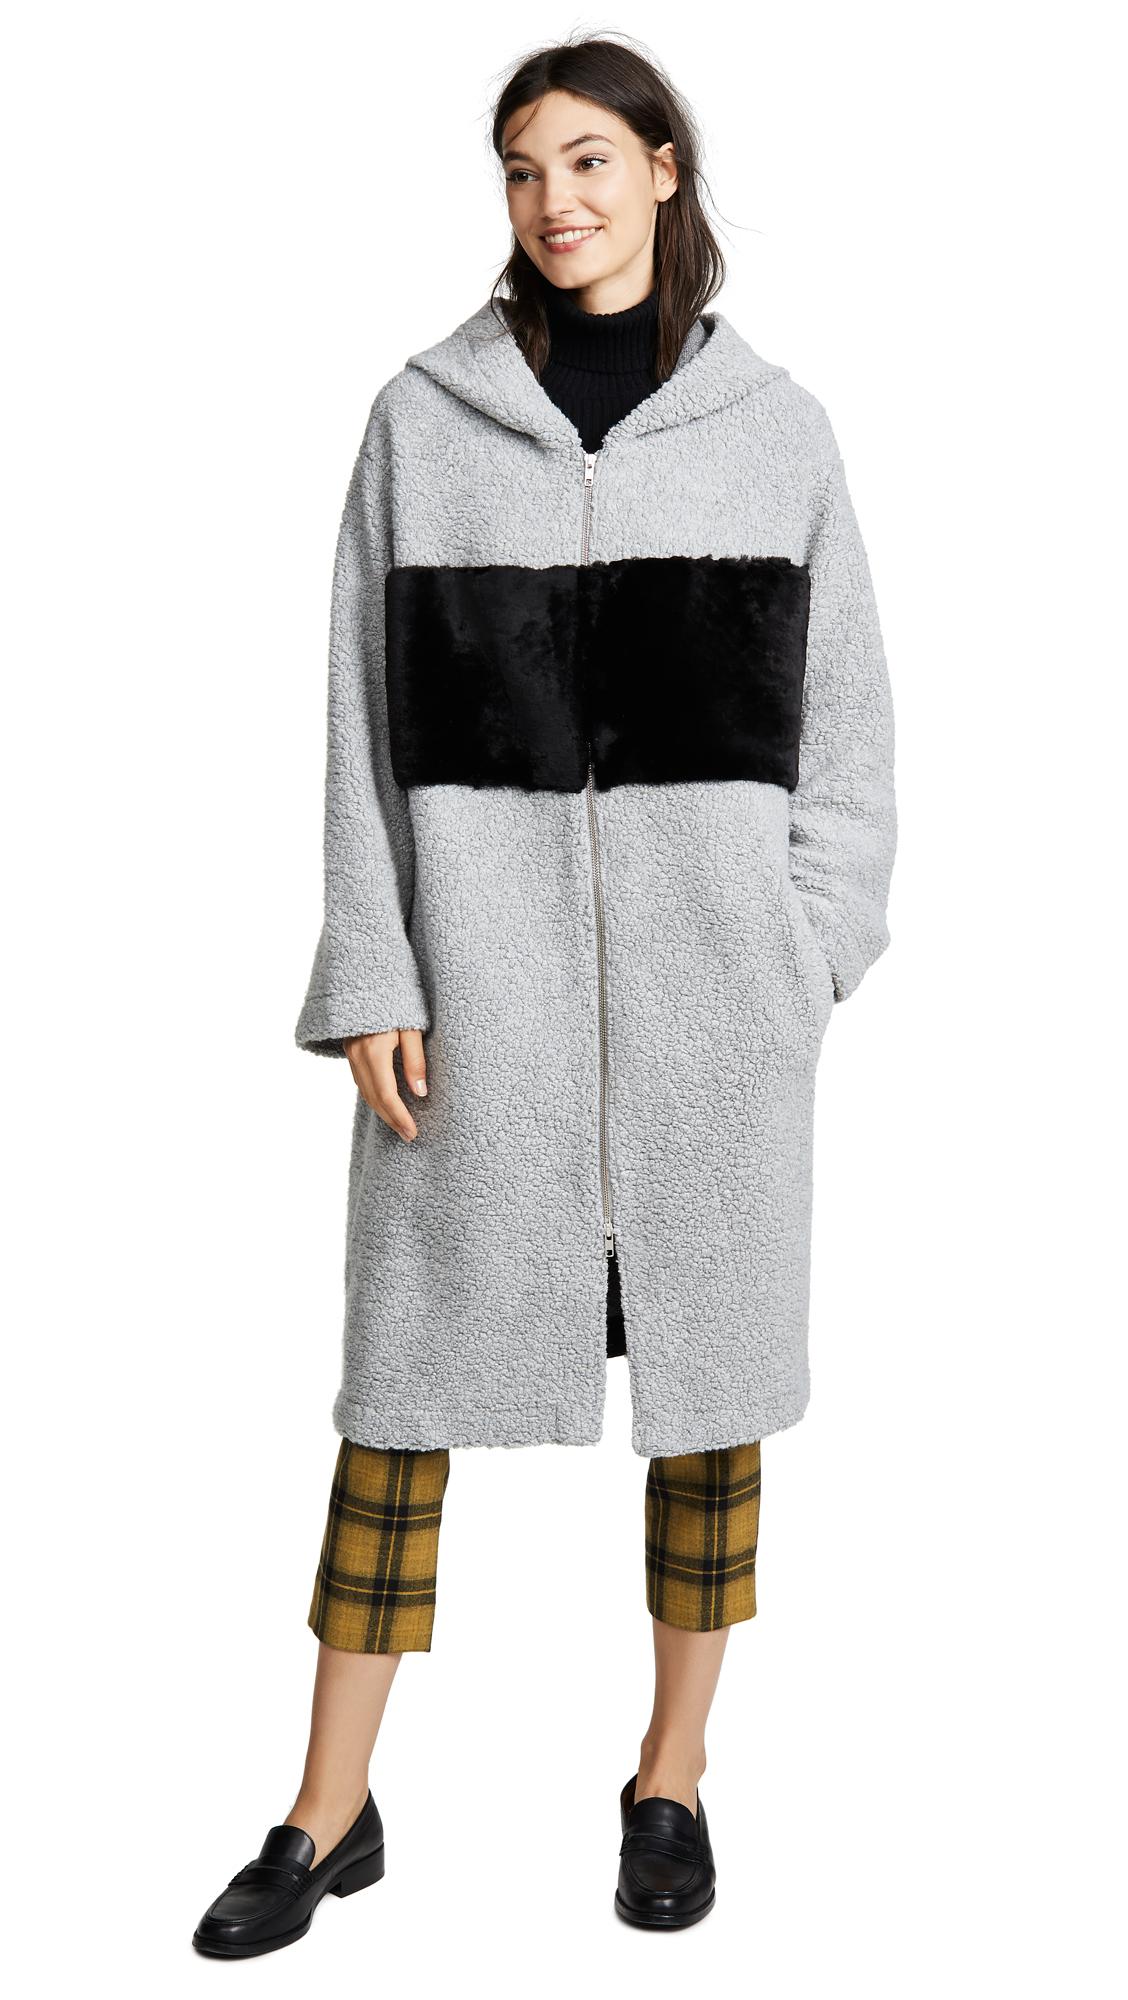 ANNE VEST Hoodie Coat in Grey/Black